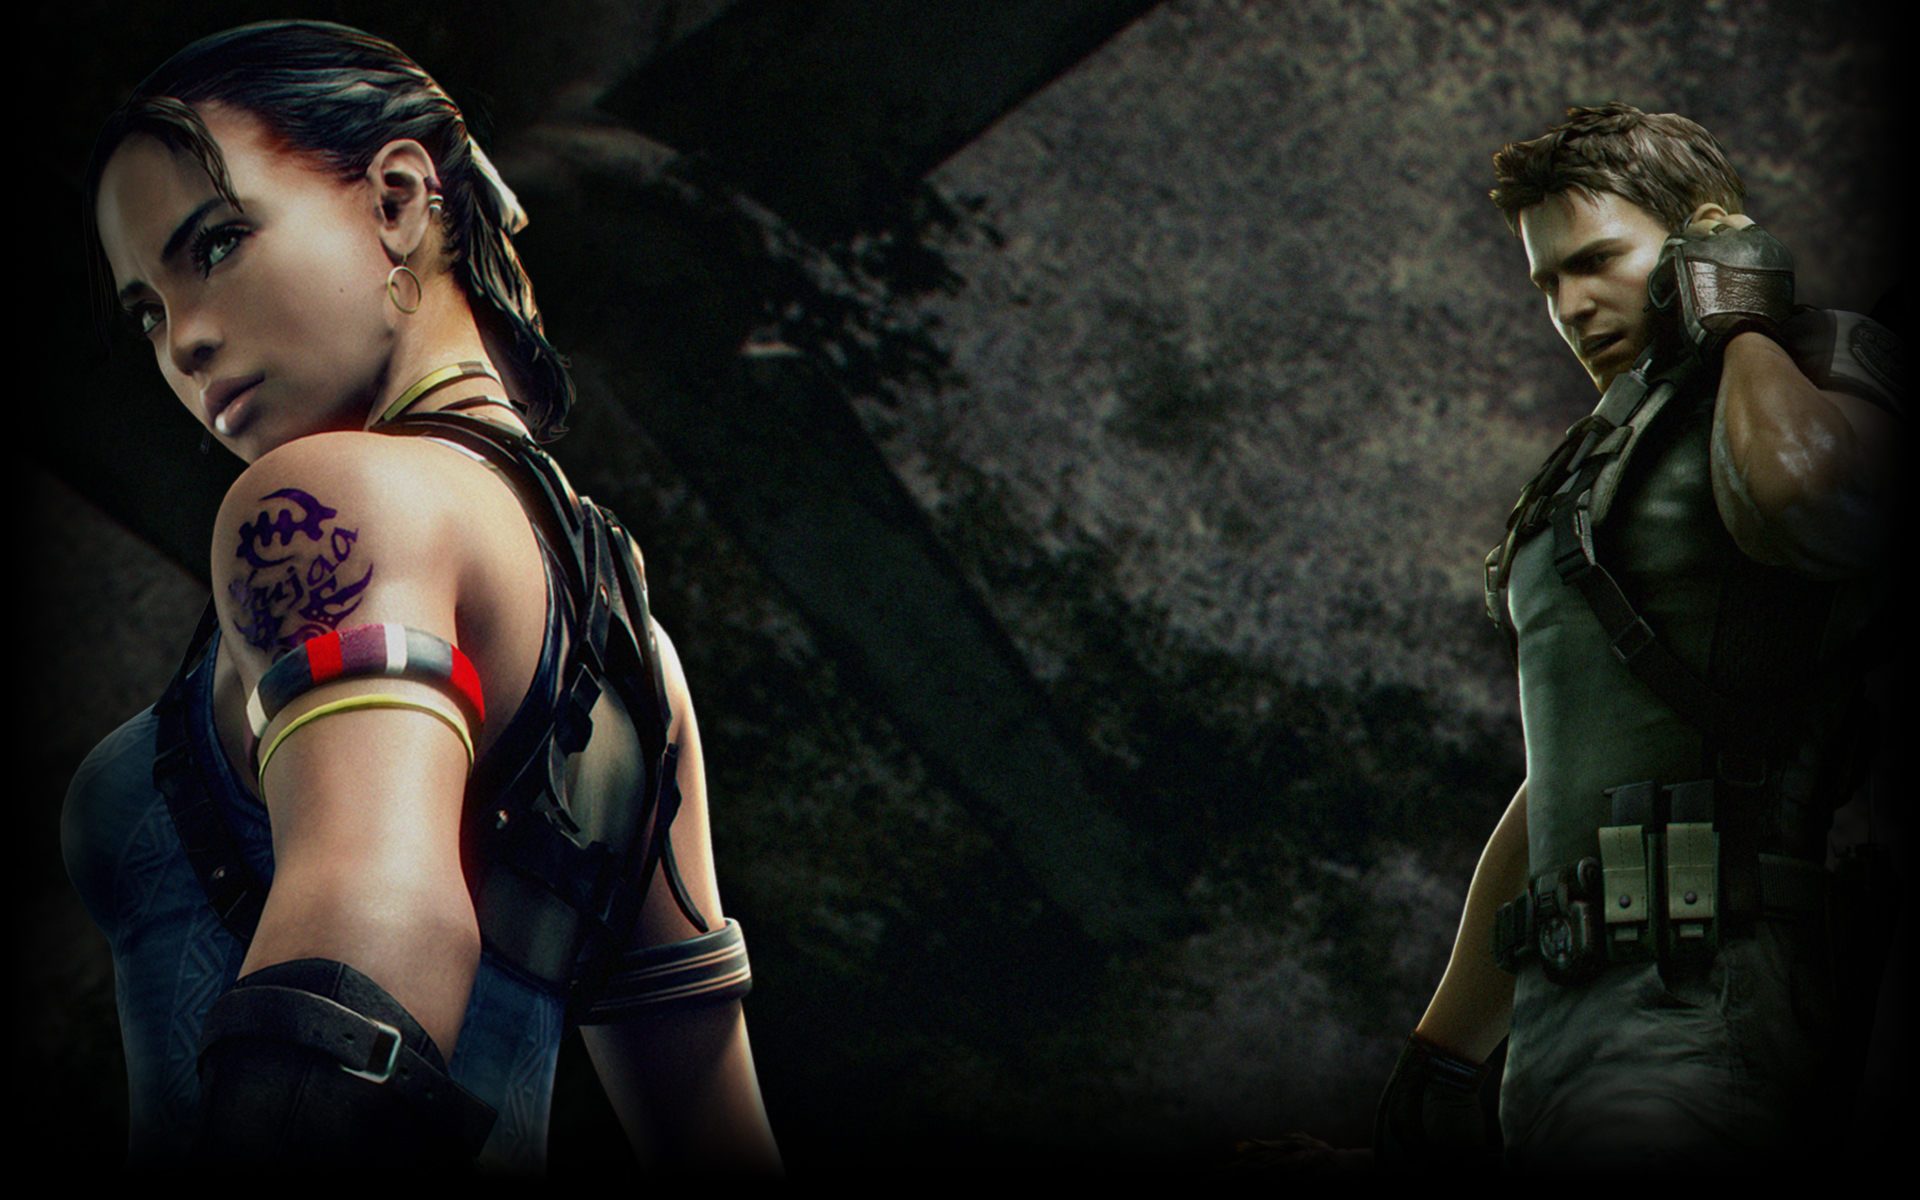 Chris And Sheva Resident Evil 5 Wallpaper 40430062 Fanpop